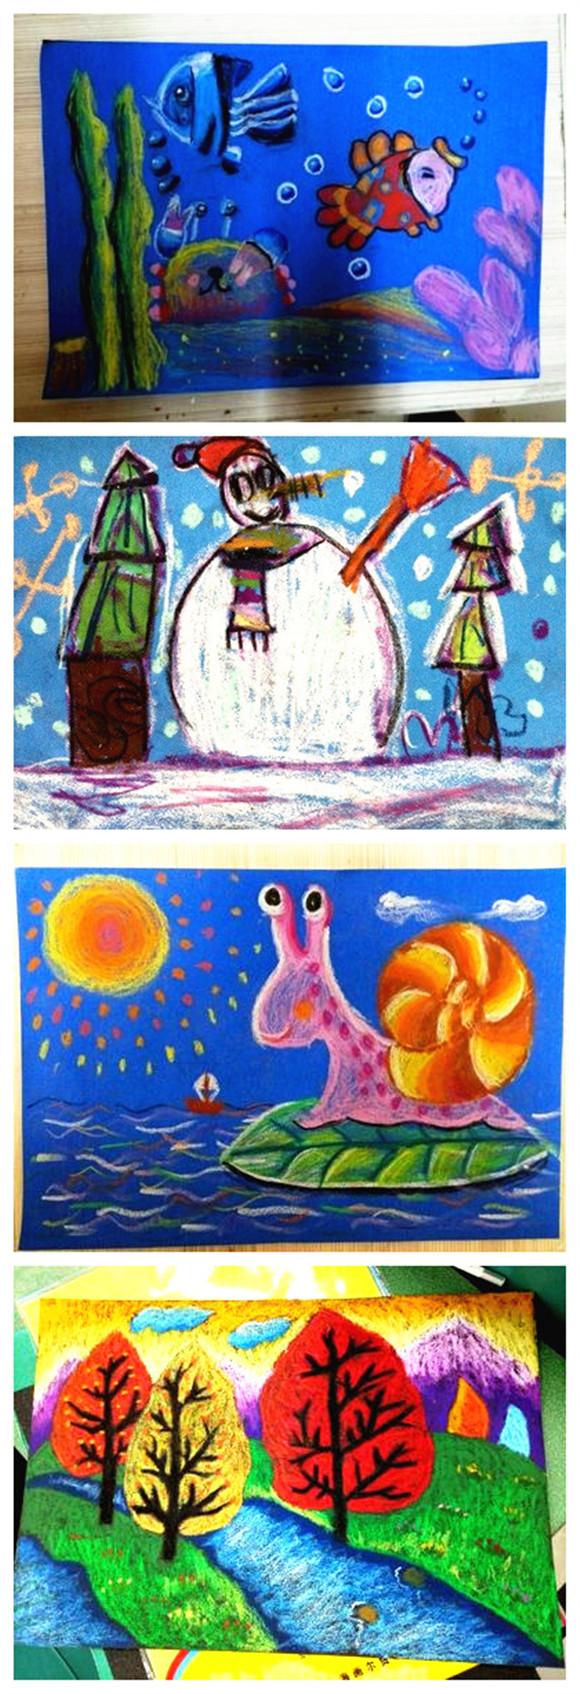 8k4開16k彩砂紙彩色砂畫紙兒童創意美術涂鴉油畫棒蠟筆繪畫紙圖片